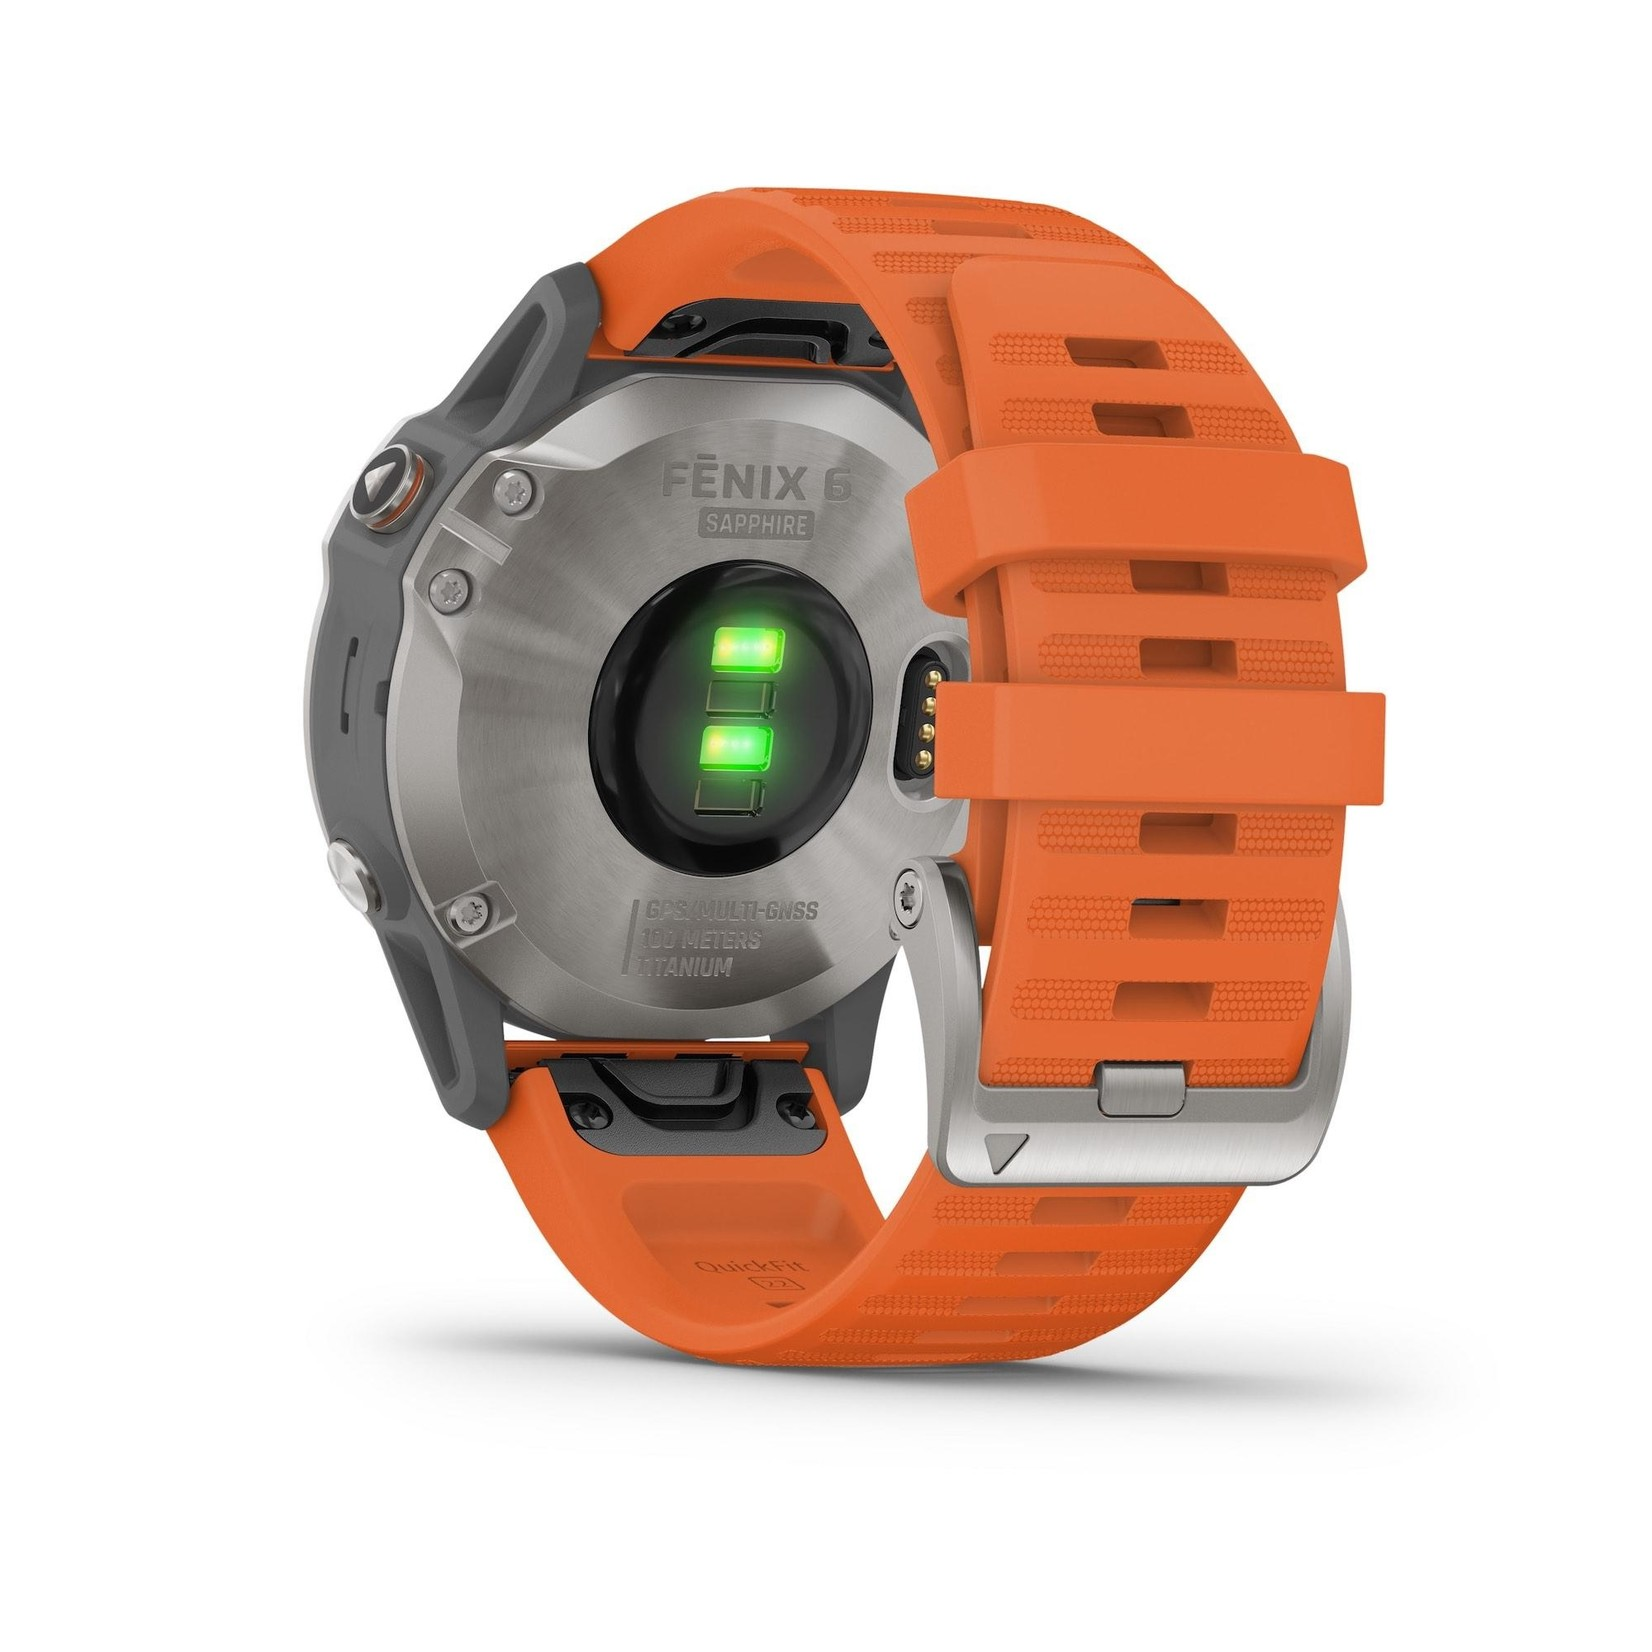 Garmin fēnix 6 Sapphire - Titanium with Ember Orange Band